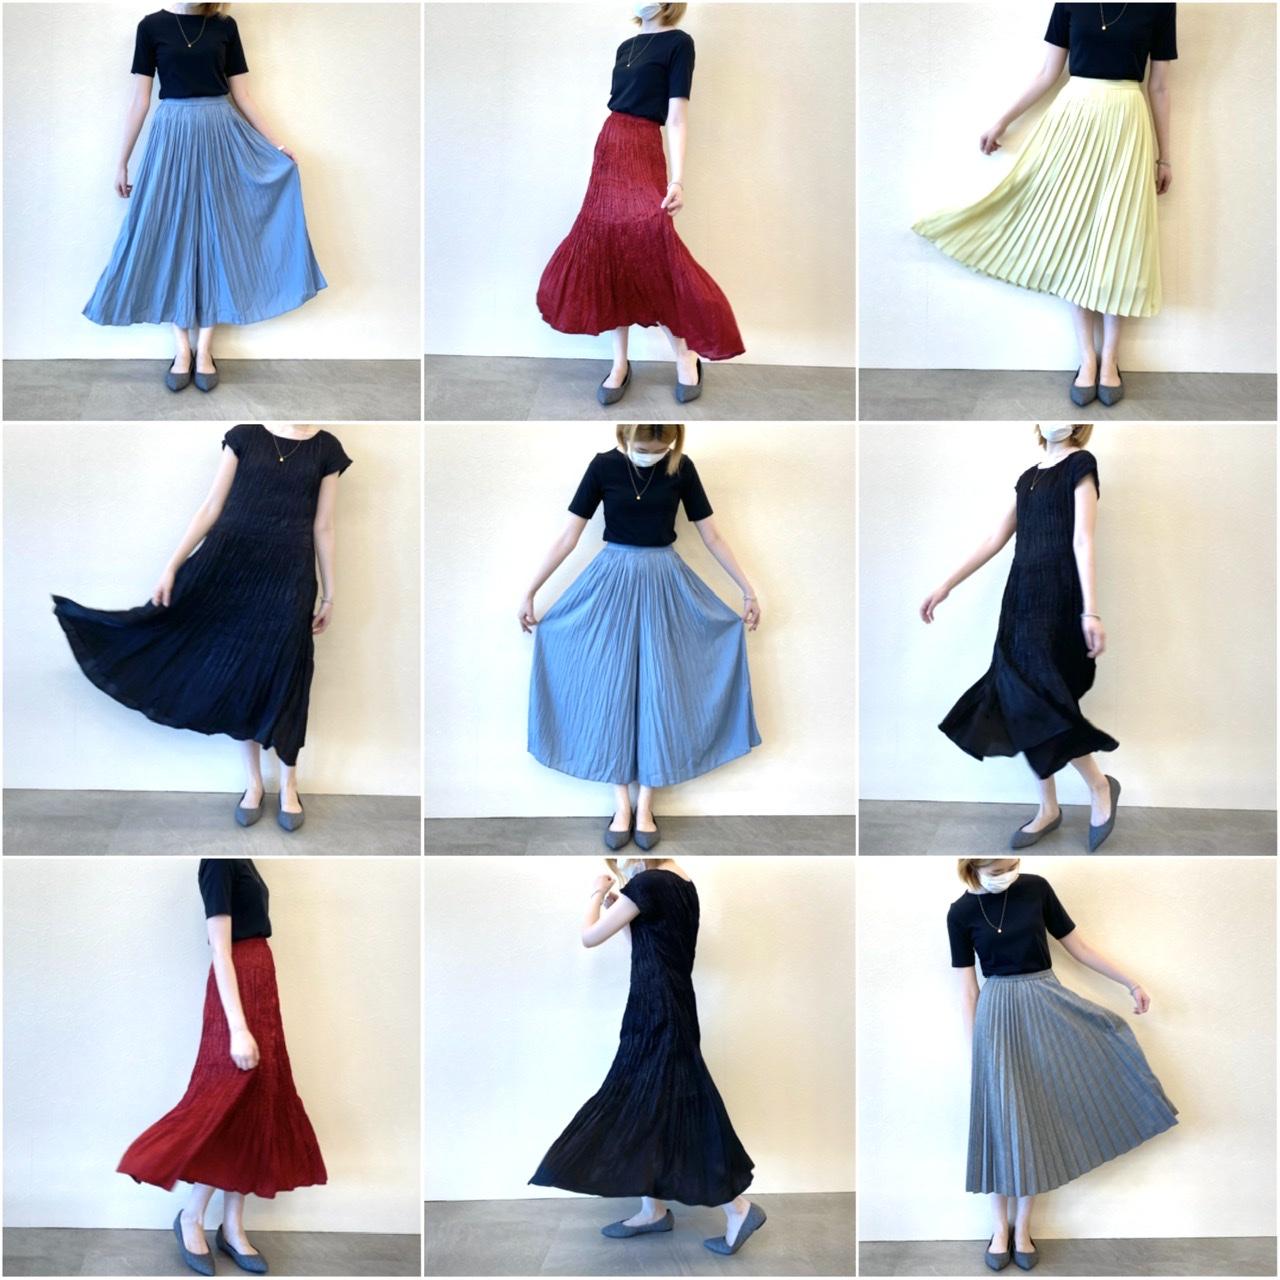 『ユニクロ』の洗えるプリーツが秋も大豊作♬︎ スカート、パンツ、ワンピース、全部着てみました!【2:柄物&ワンピース編】_6